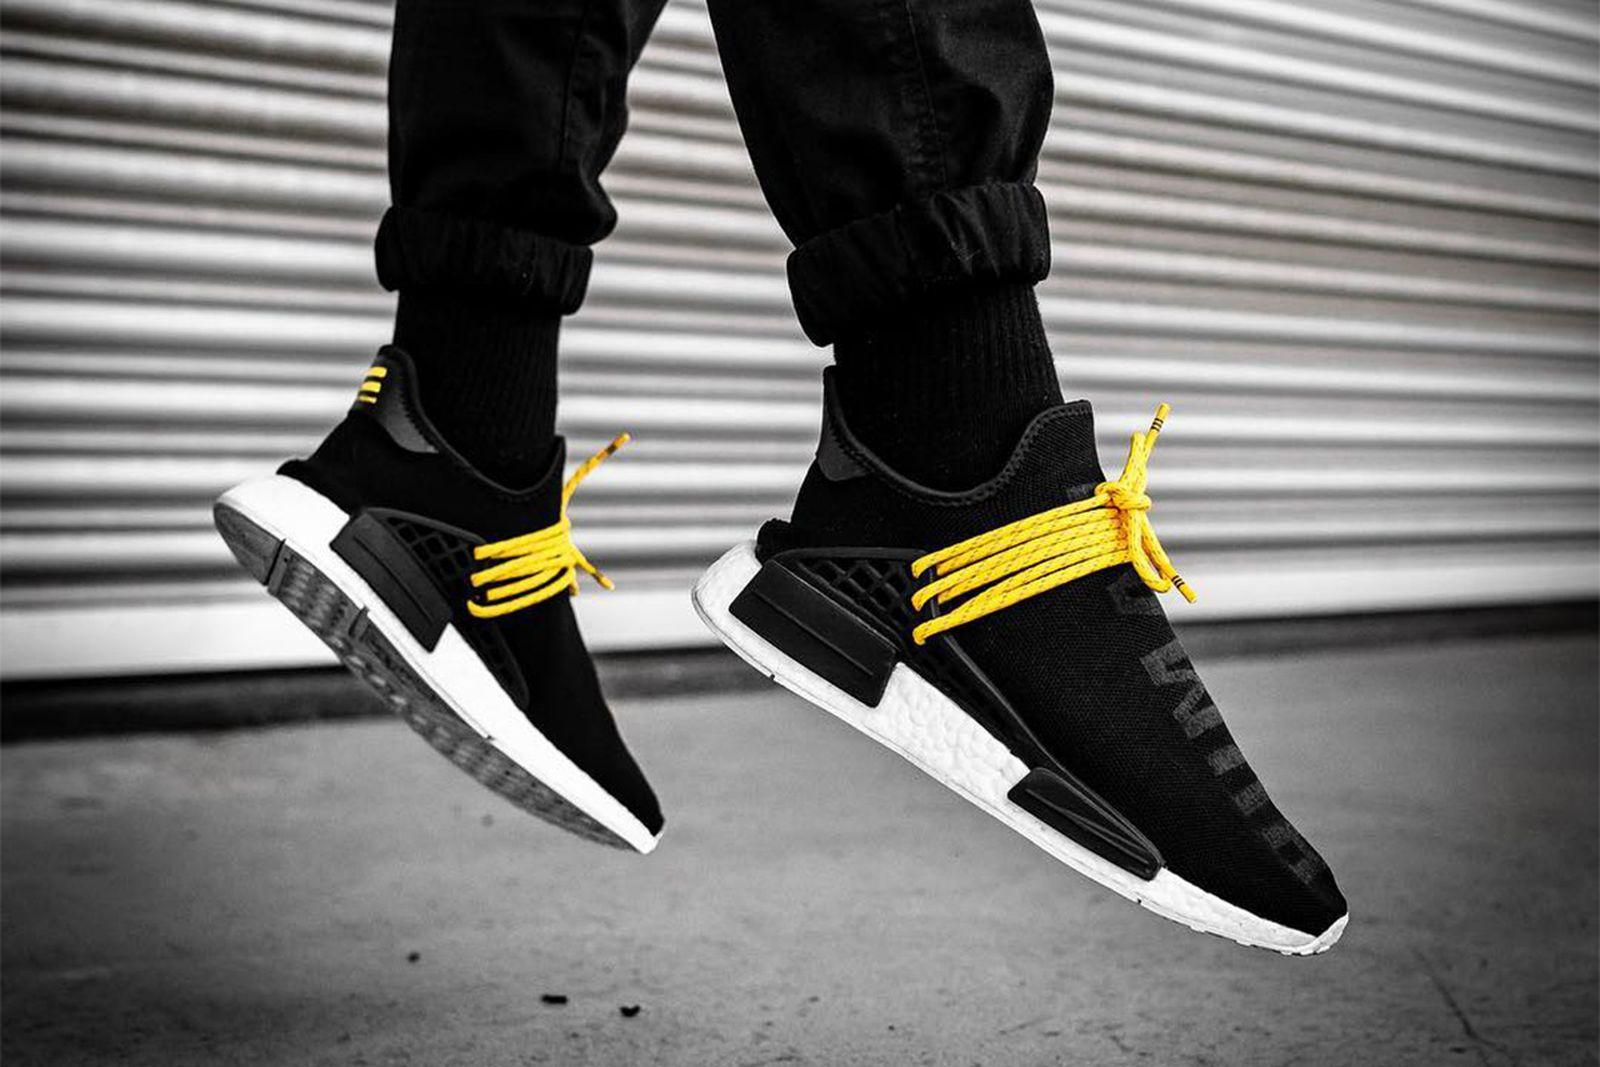 off white nike air jordan 1 best ig sneakers Balenciaga KAWS Louis Vuitton Archlight